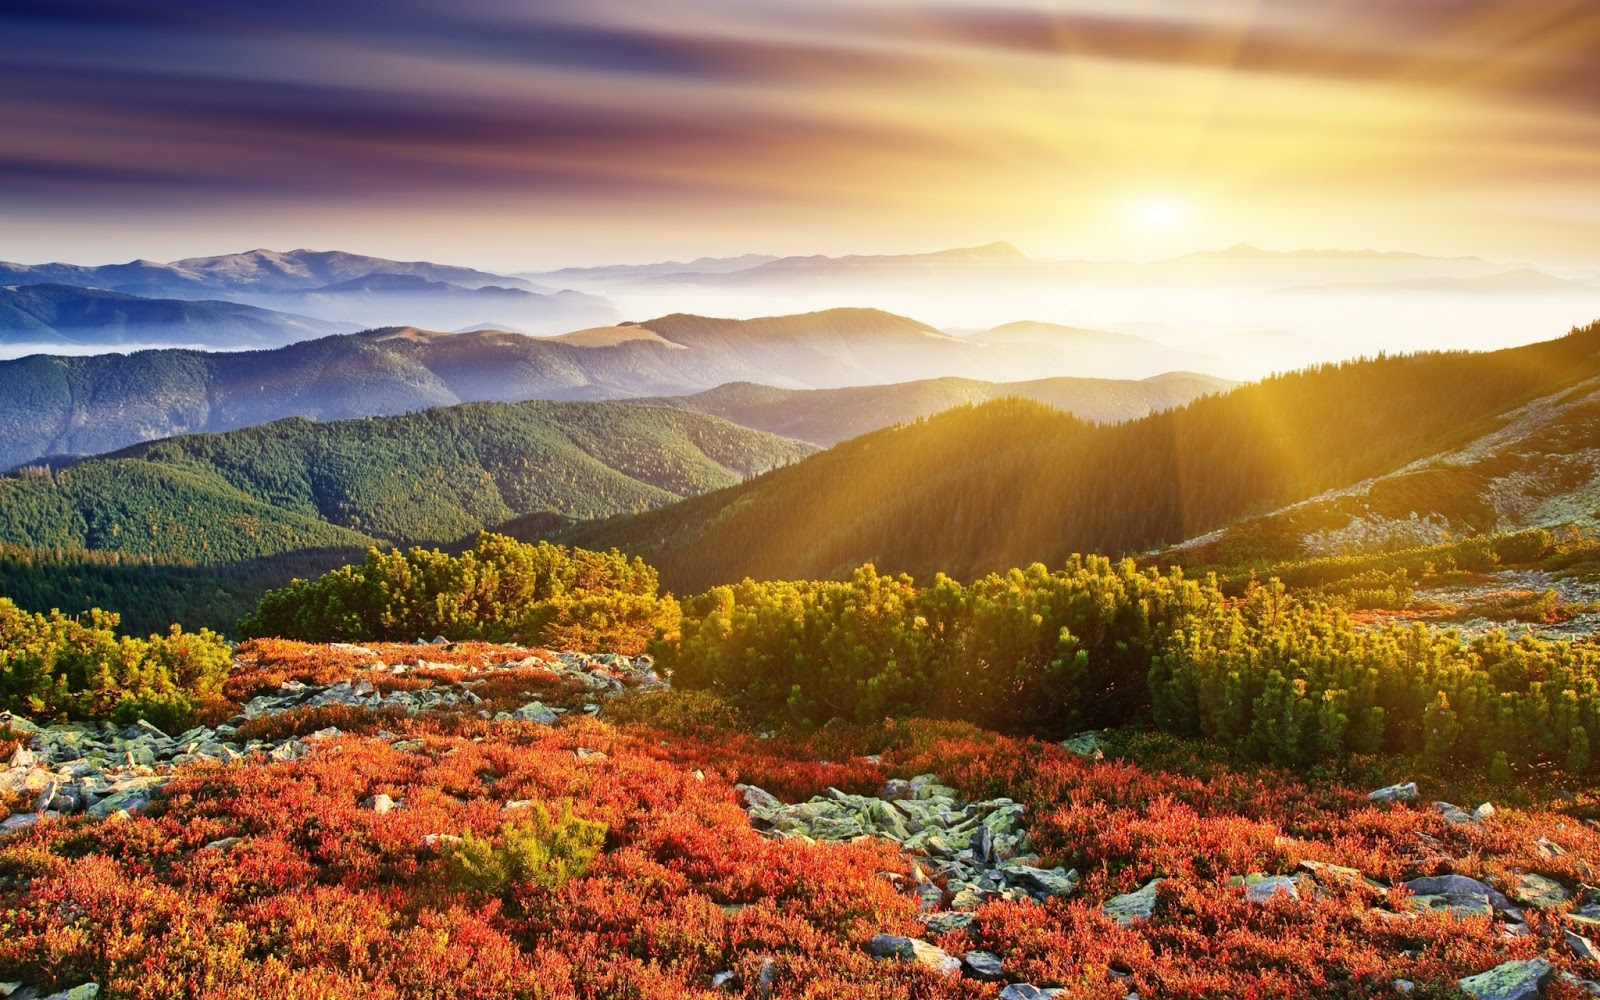 FOTOS Los amaneceres y atardeceres más bonitos del mundo - Imágenes De Amaneceres Hermosos